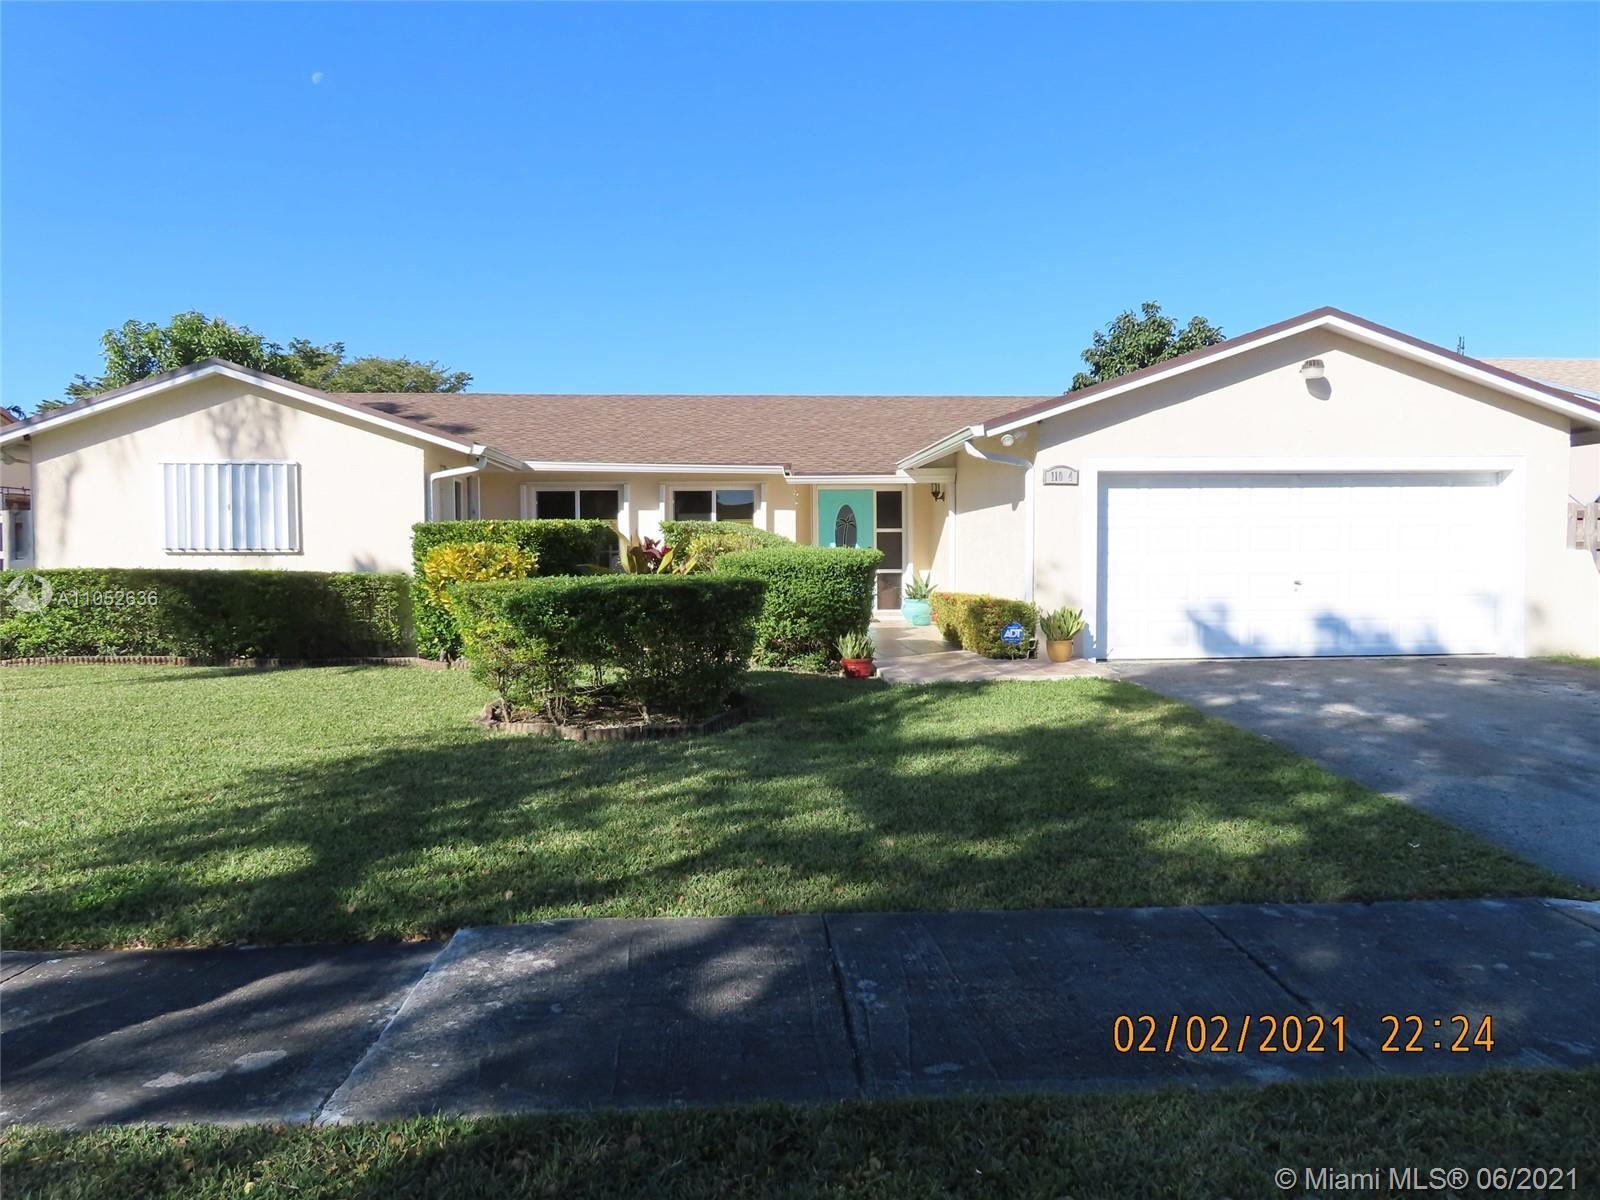 11034 SW 139th Ct, Miami, FL 33186 - #: A11052636